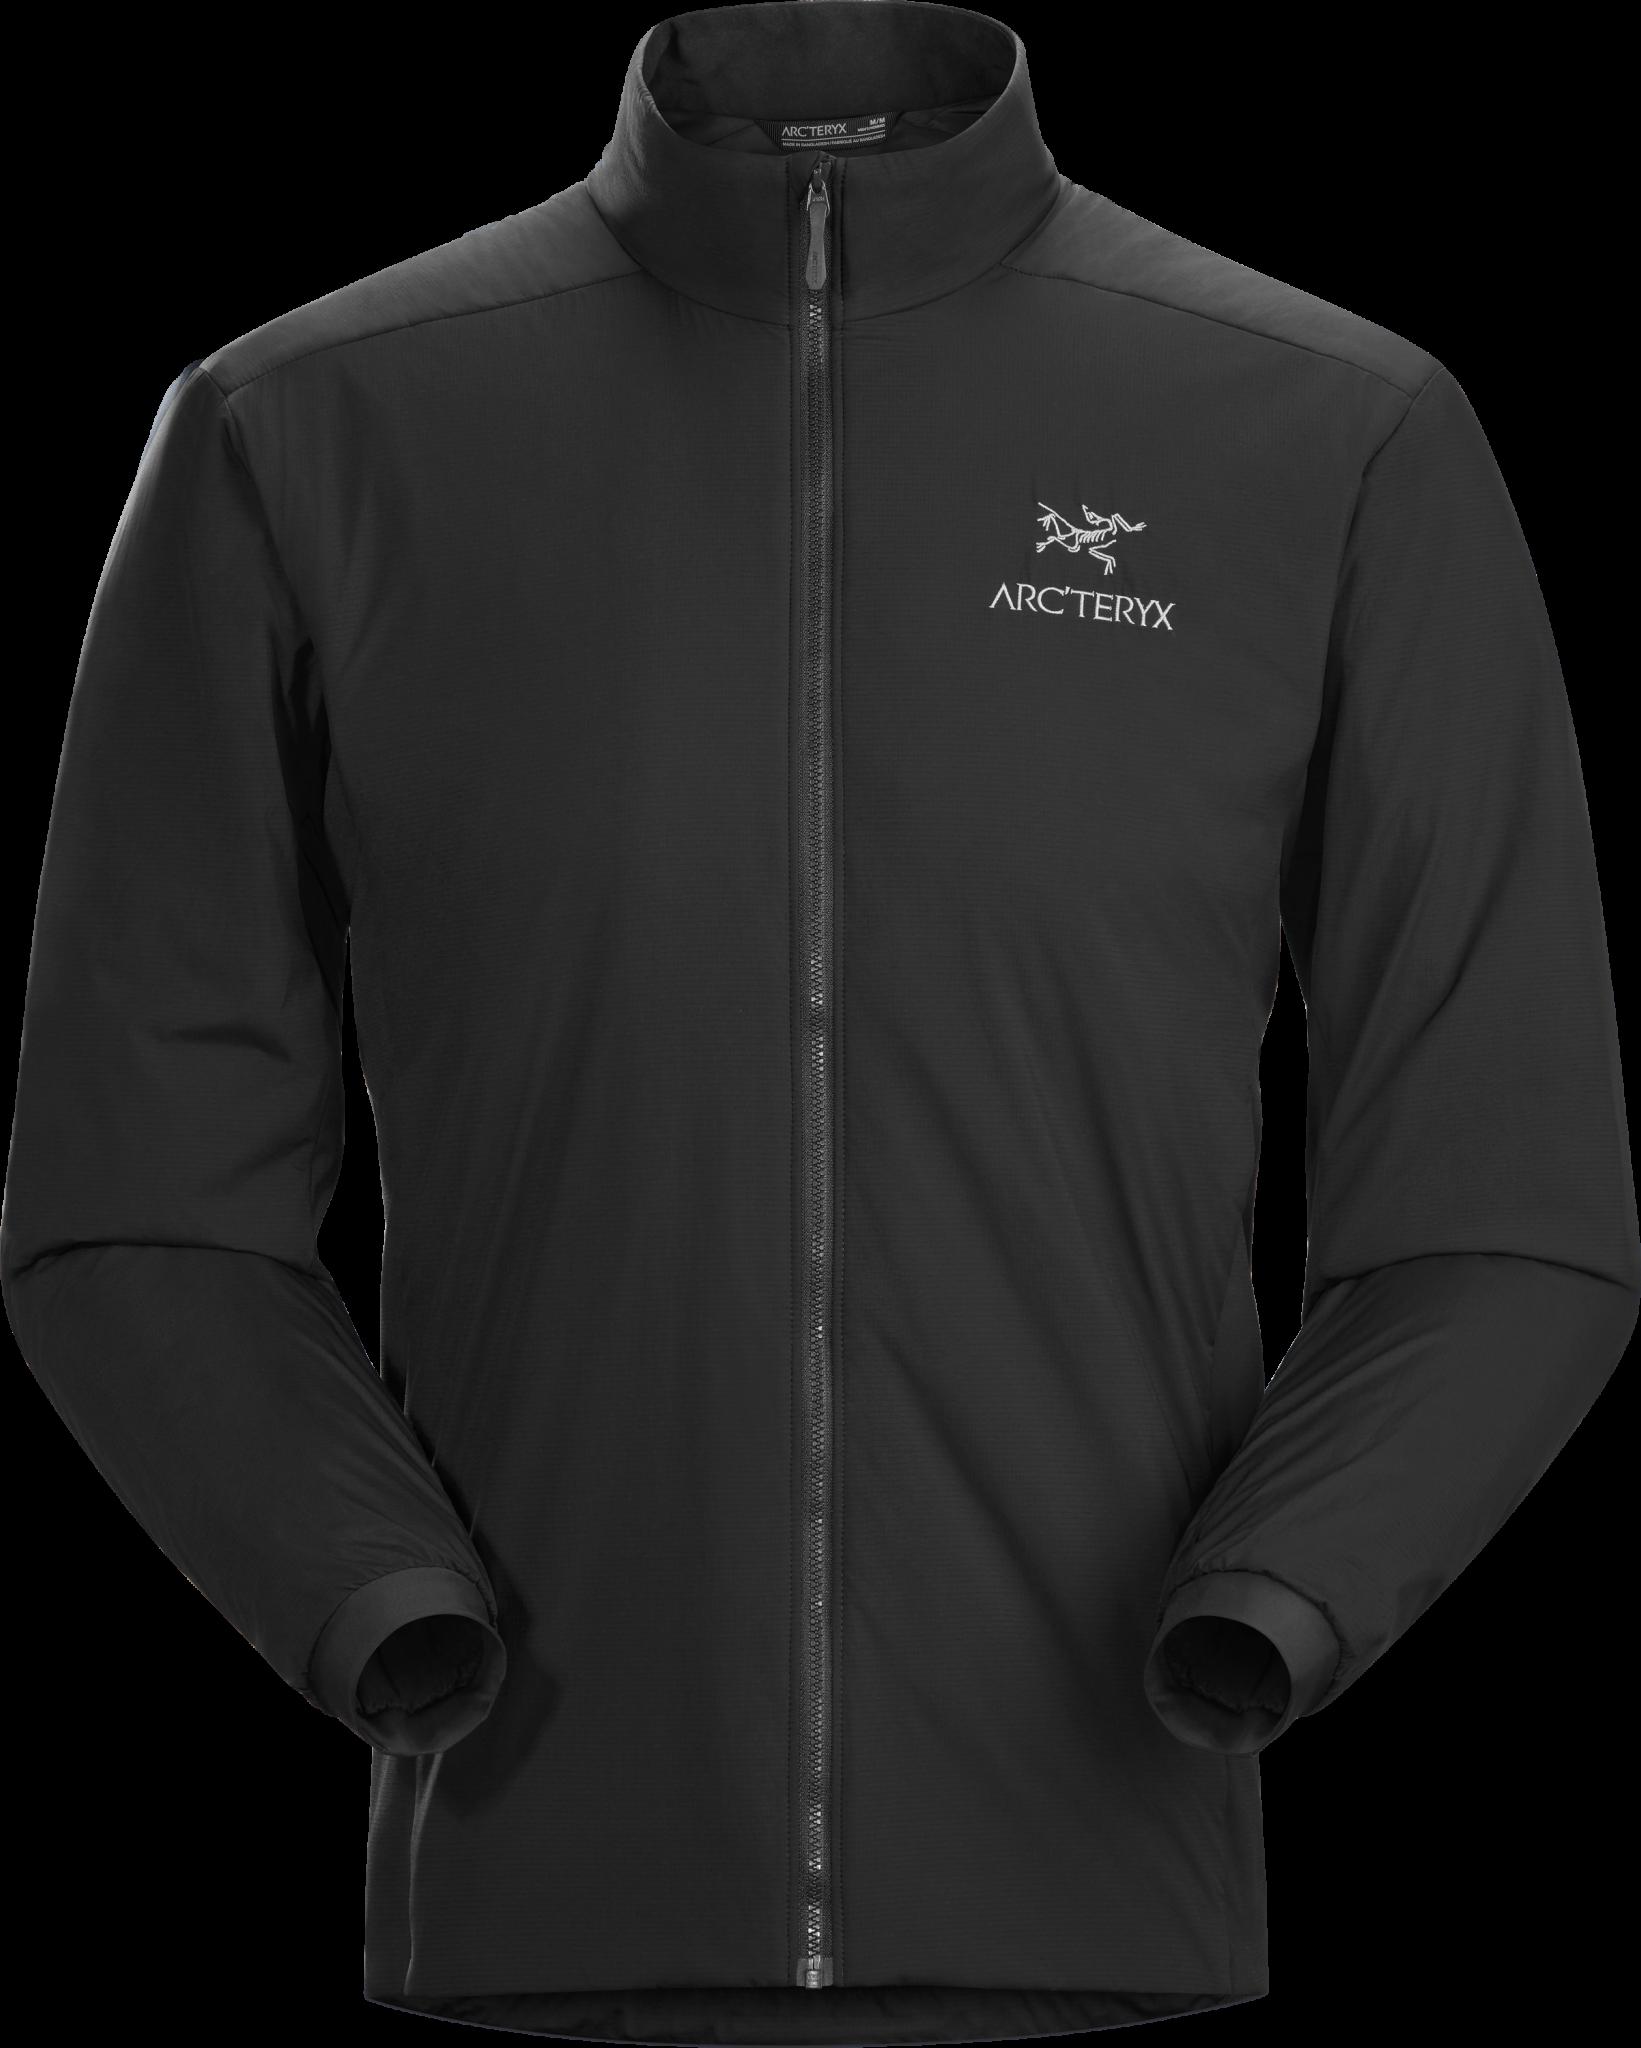 Arc'teryx Atom LT Jacket Men's-1